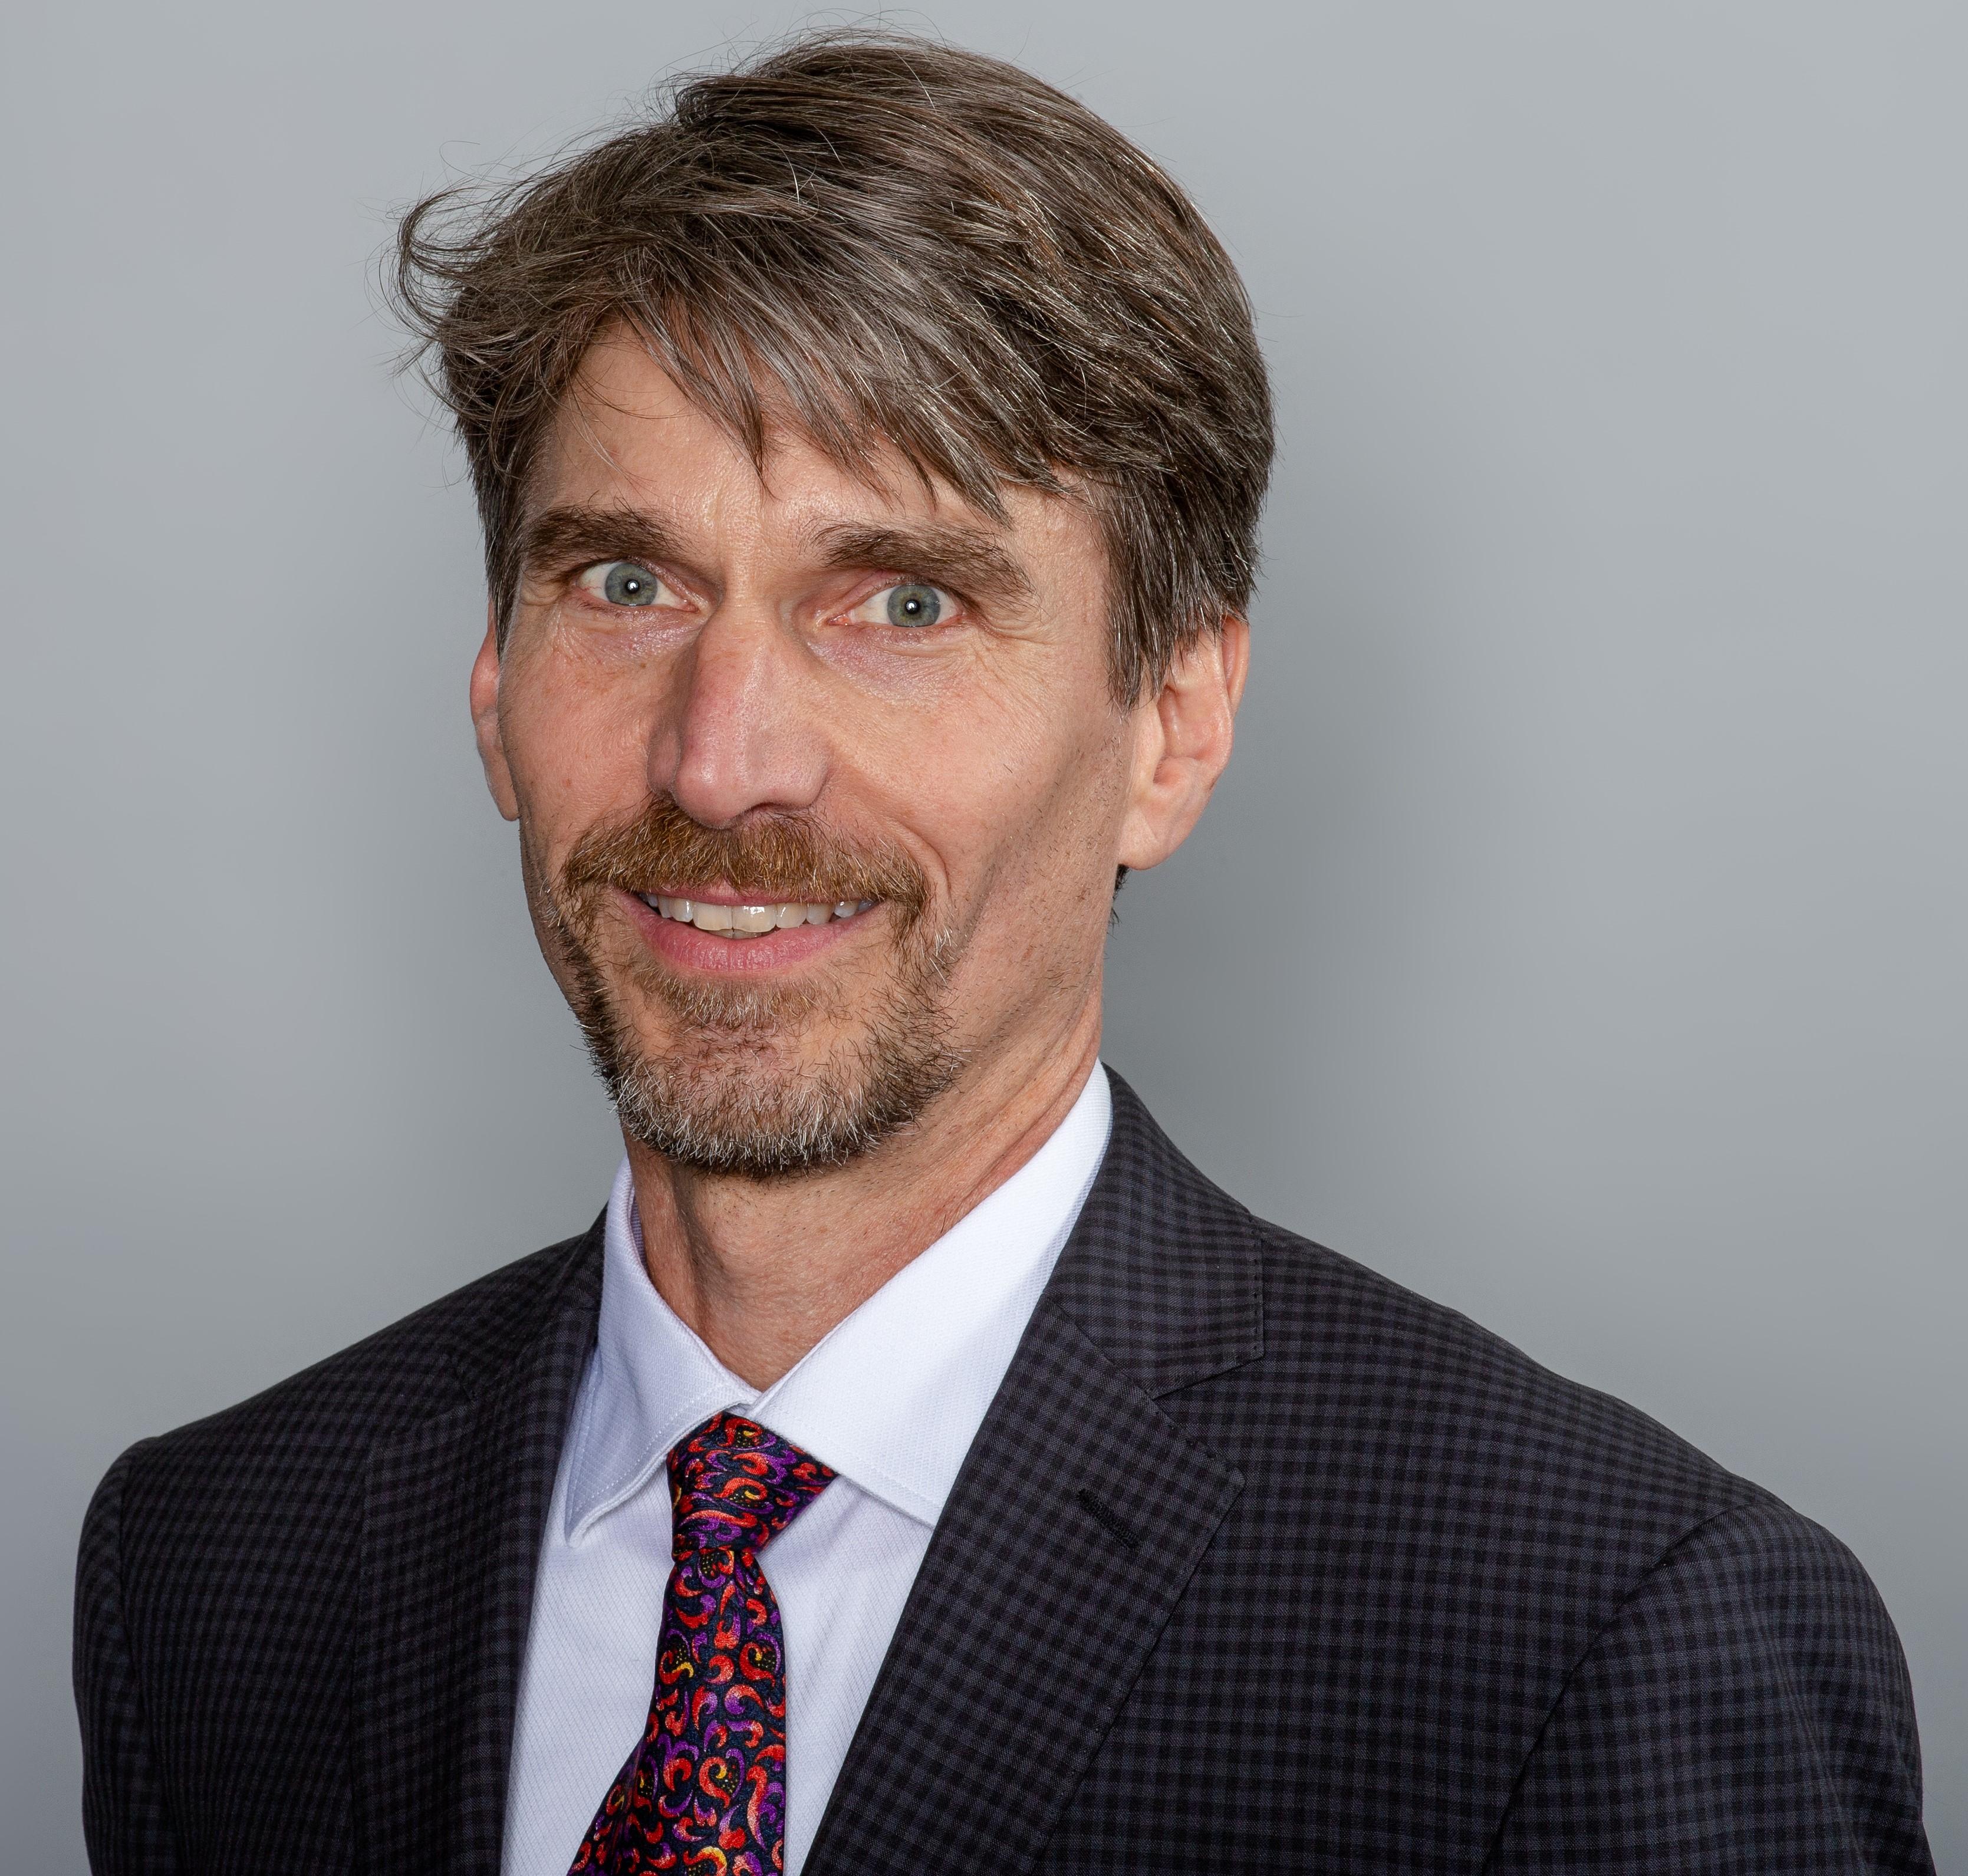 Christopher Nussbaum